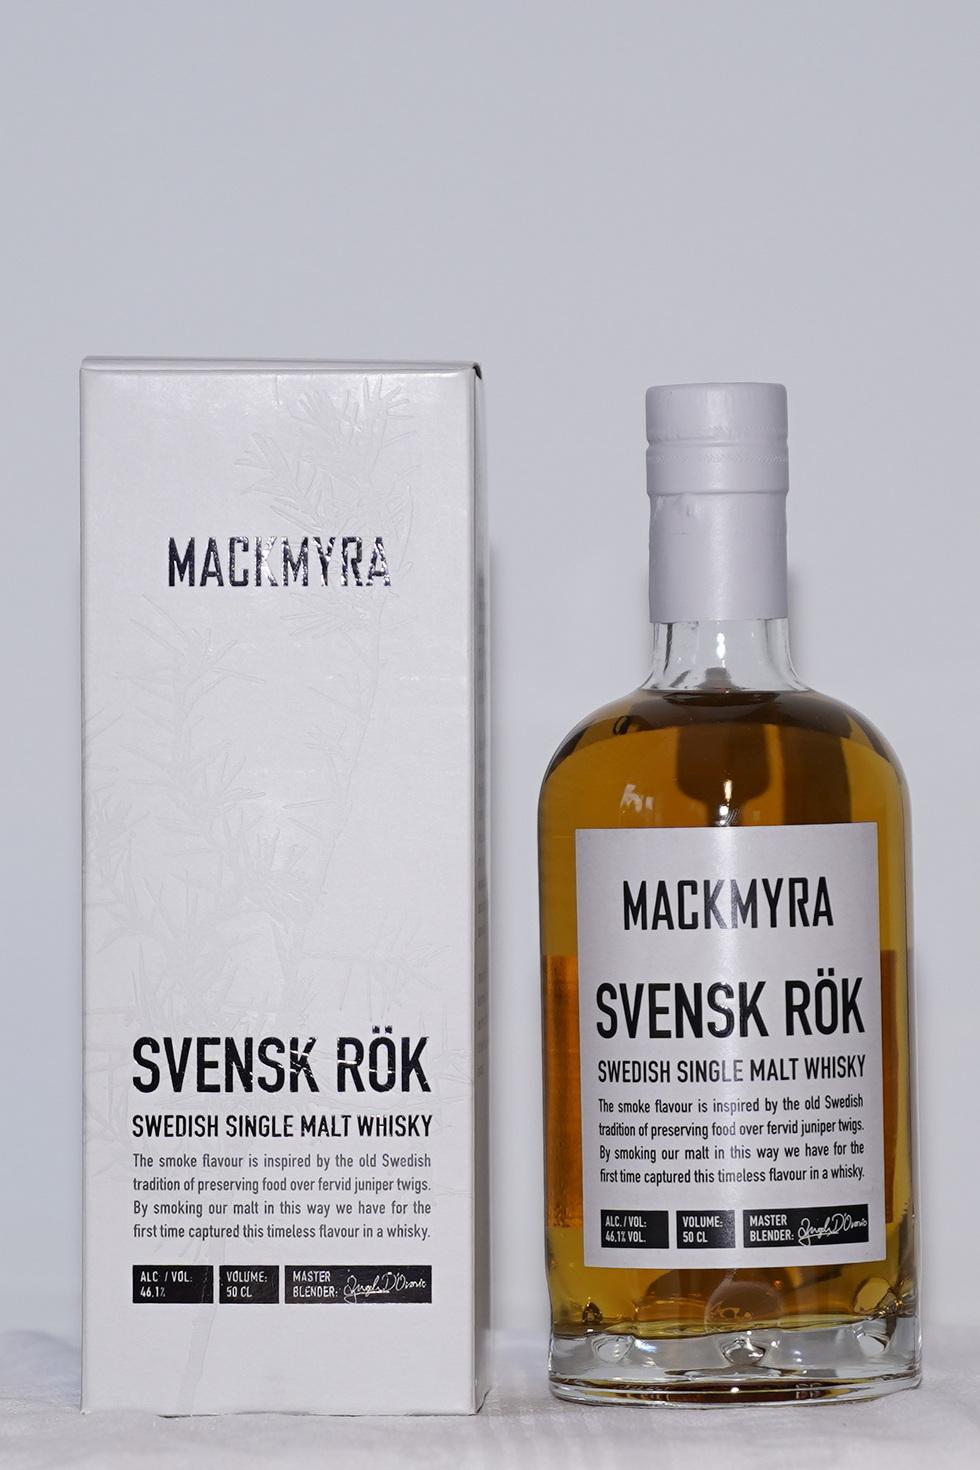 Mackmyra Svensk Rök 46,1%